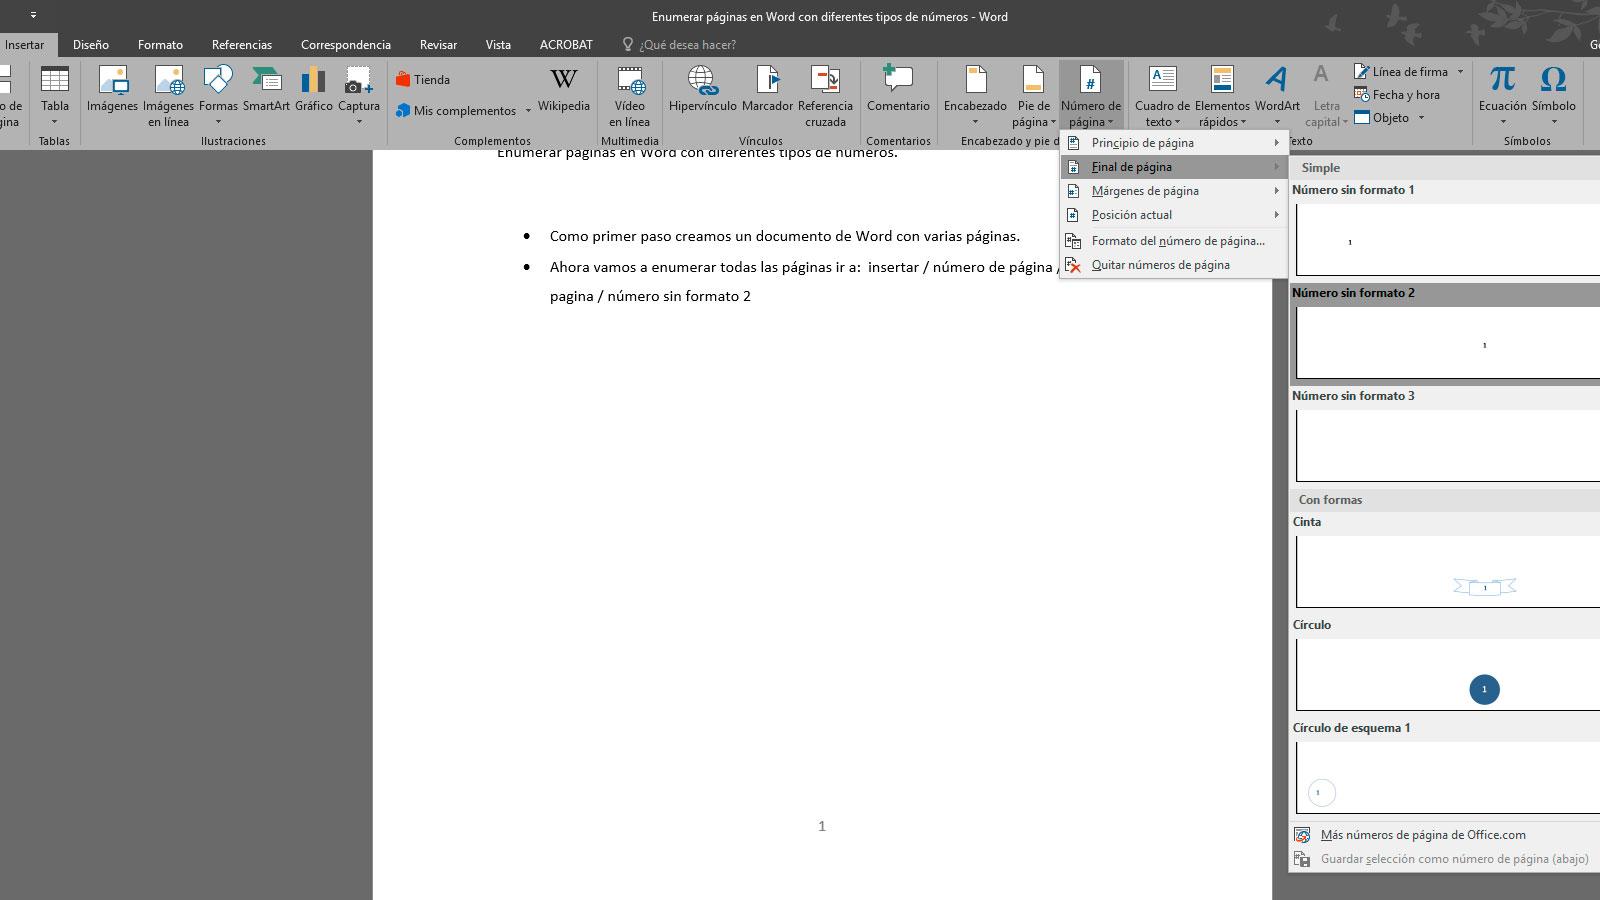 Enumerar páginas en Word 1